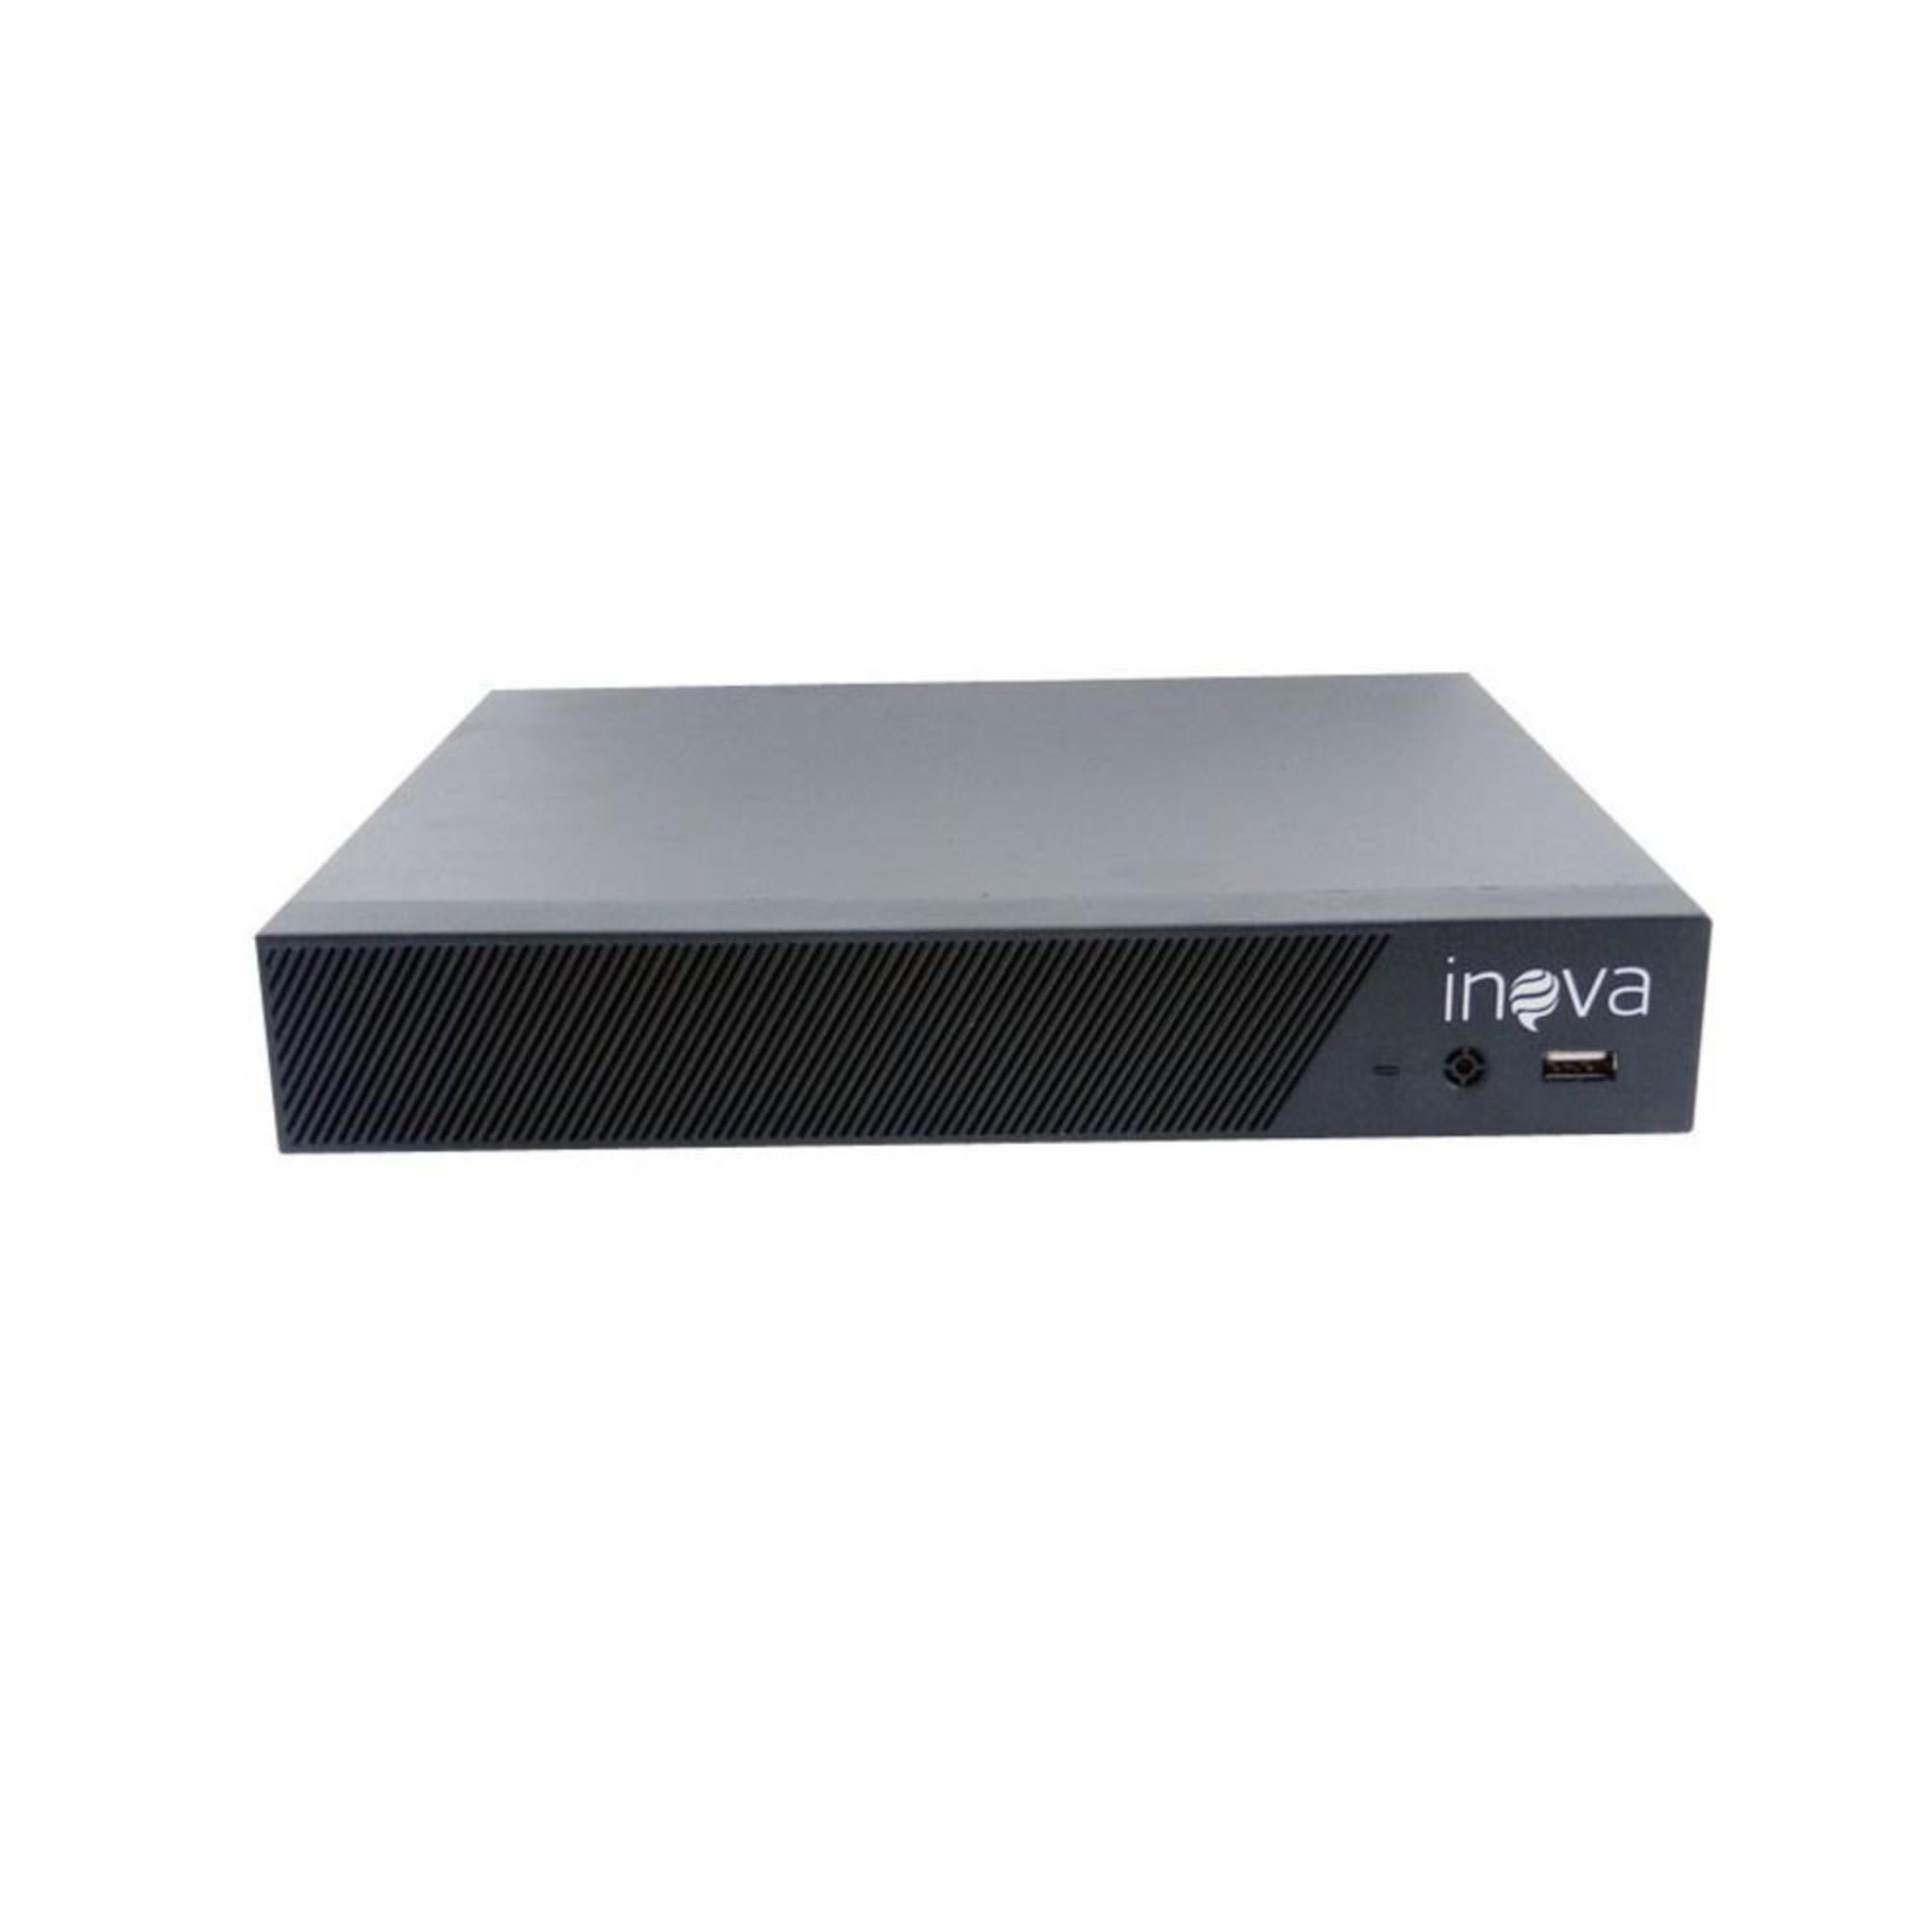 DVR Stand Alone 4 Canais Full HD 5 em 1 Inova